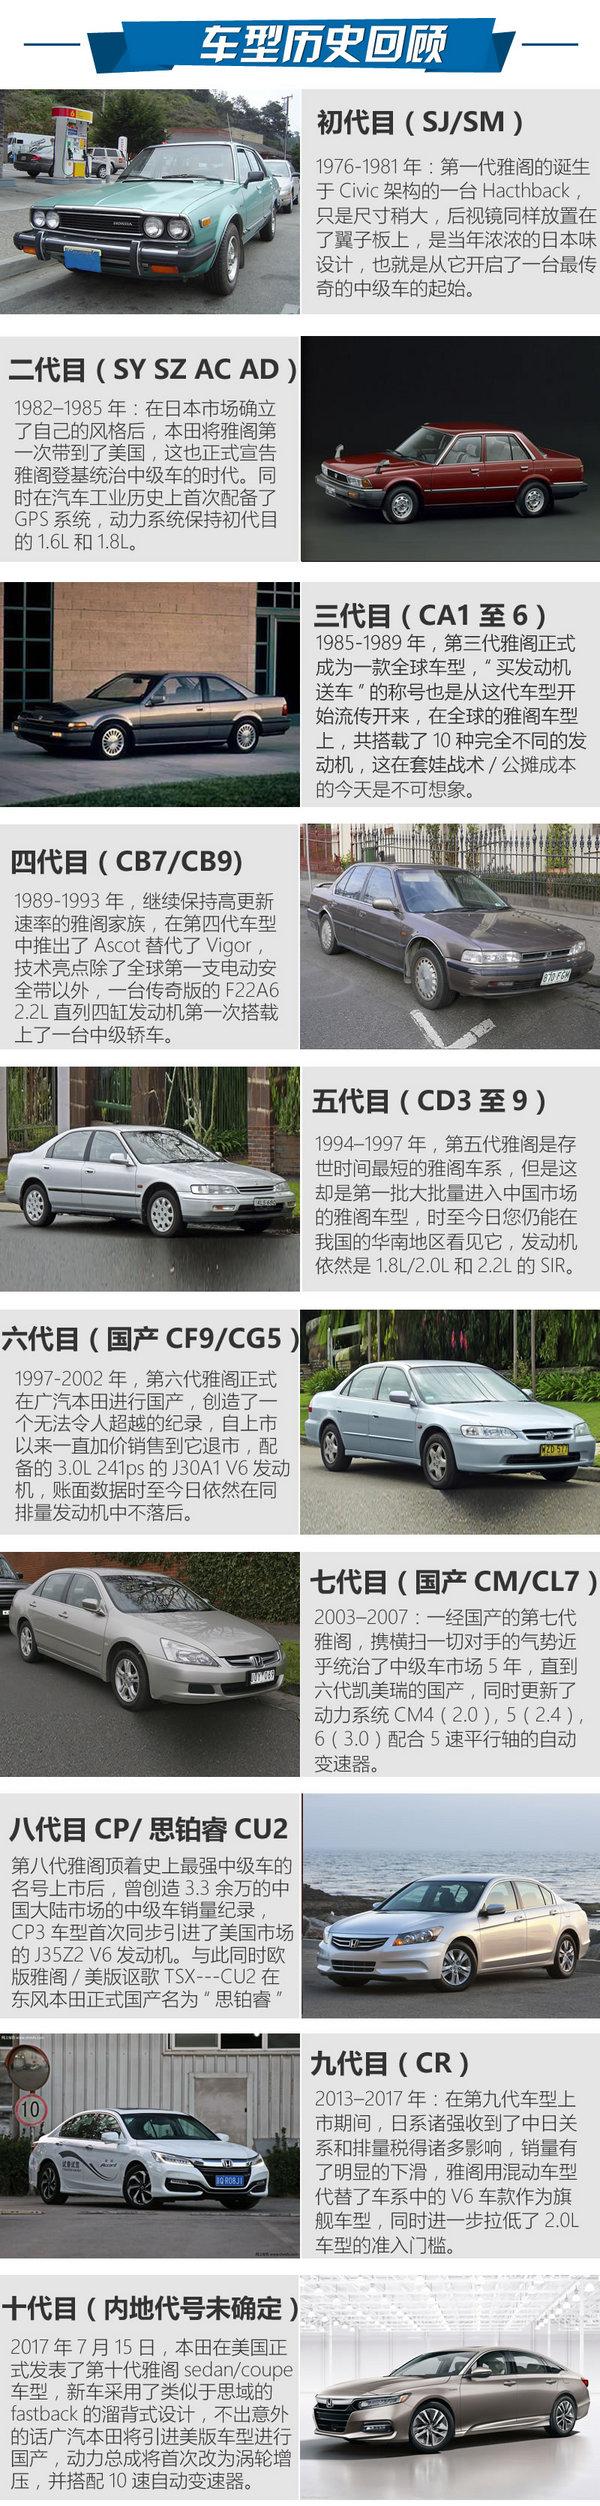 三巨头齐换代 值得期待的三款日系中级新车